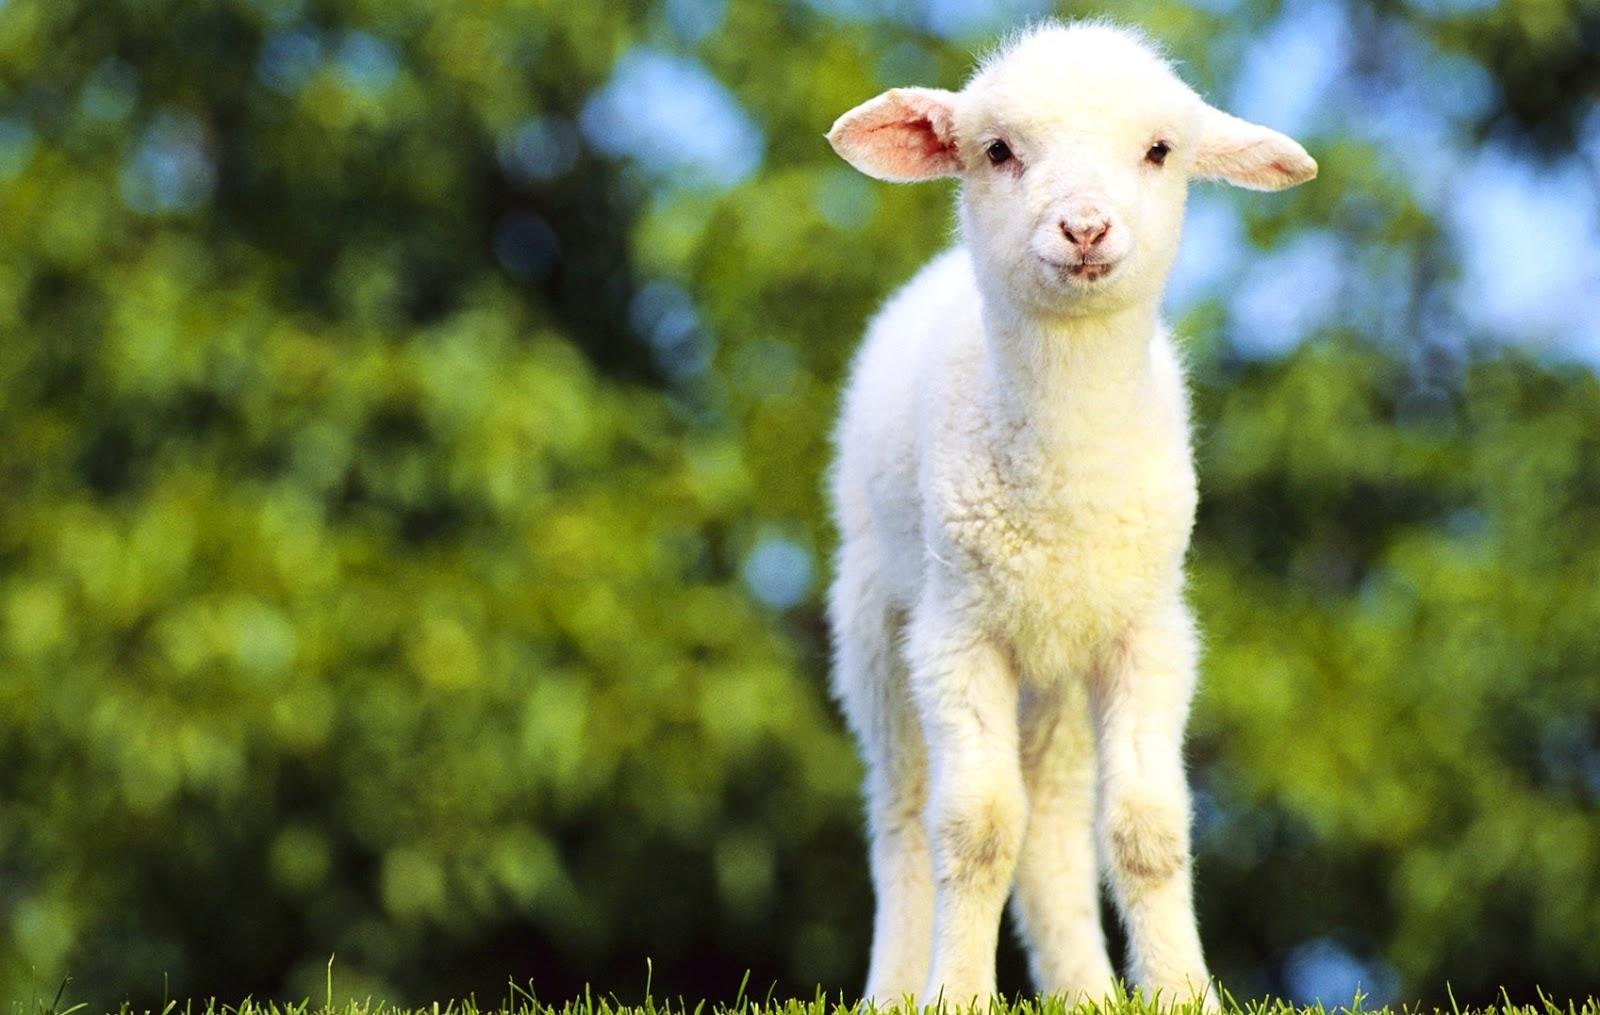 Sheep fetus - photo#10